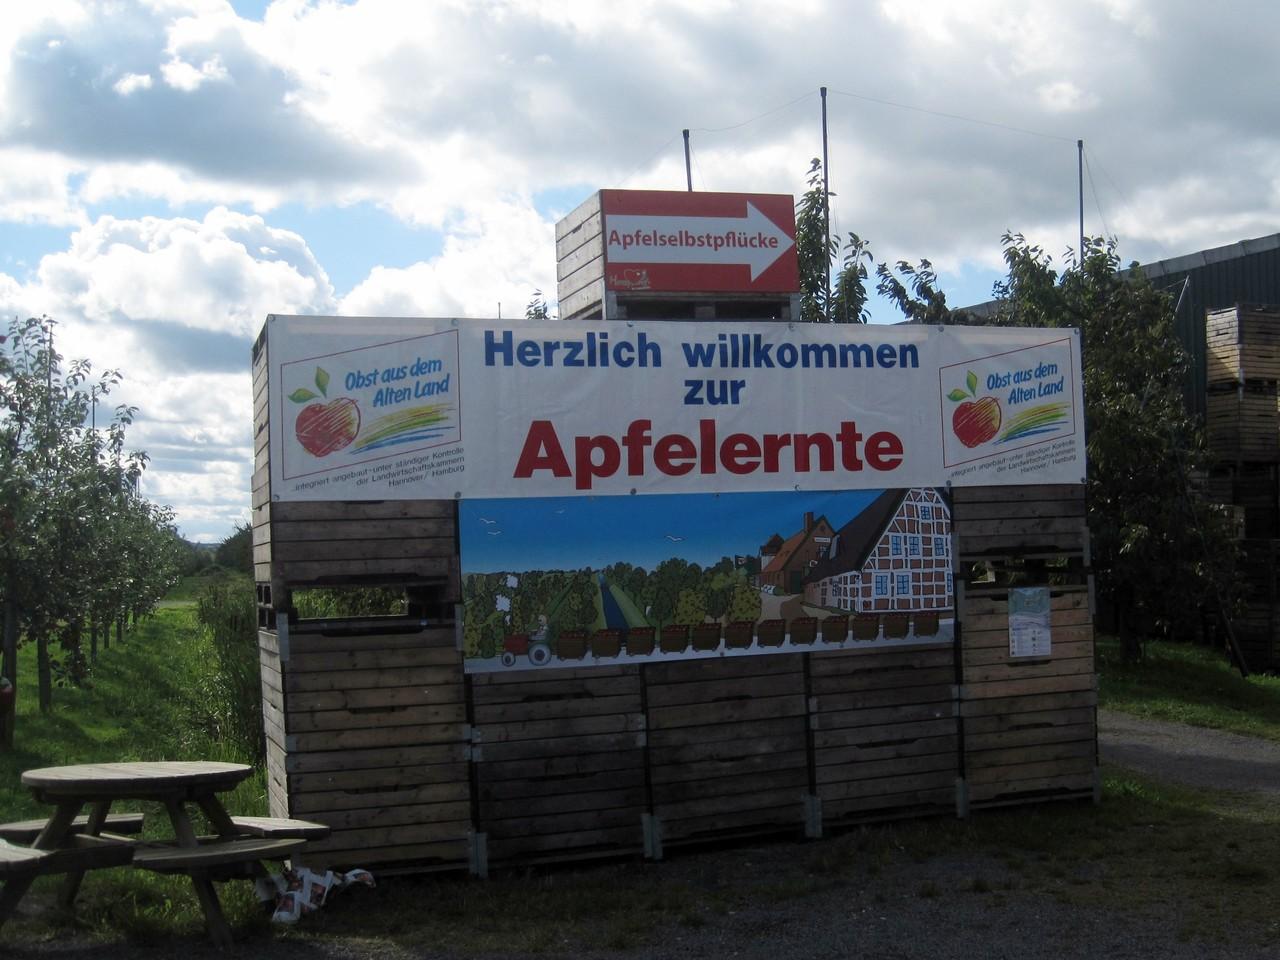 Willkommen zur Apfelernte